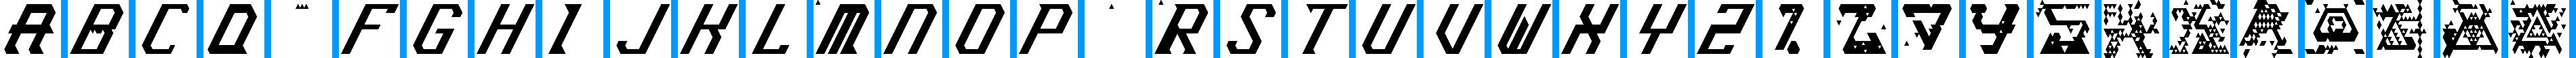 Particip-a-type v.248